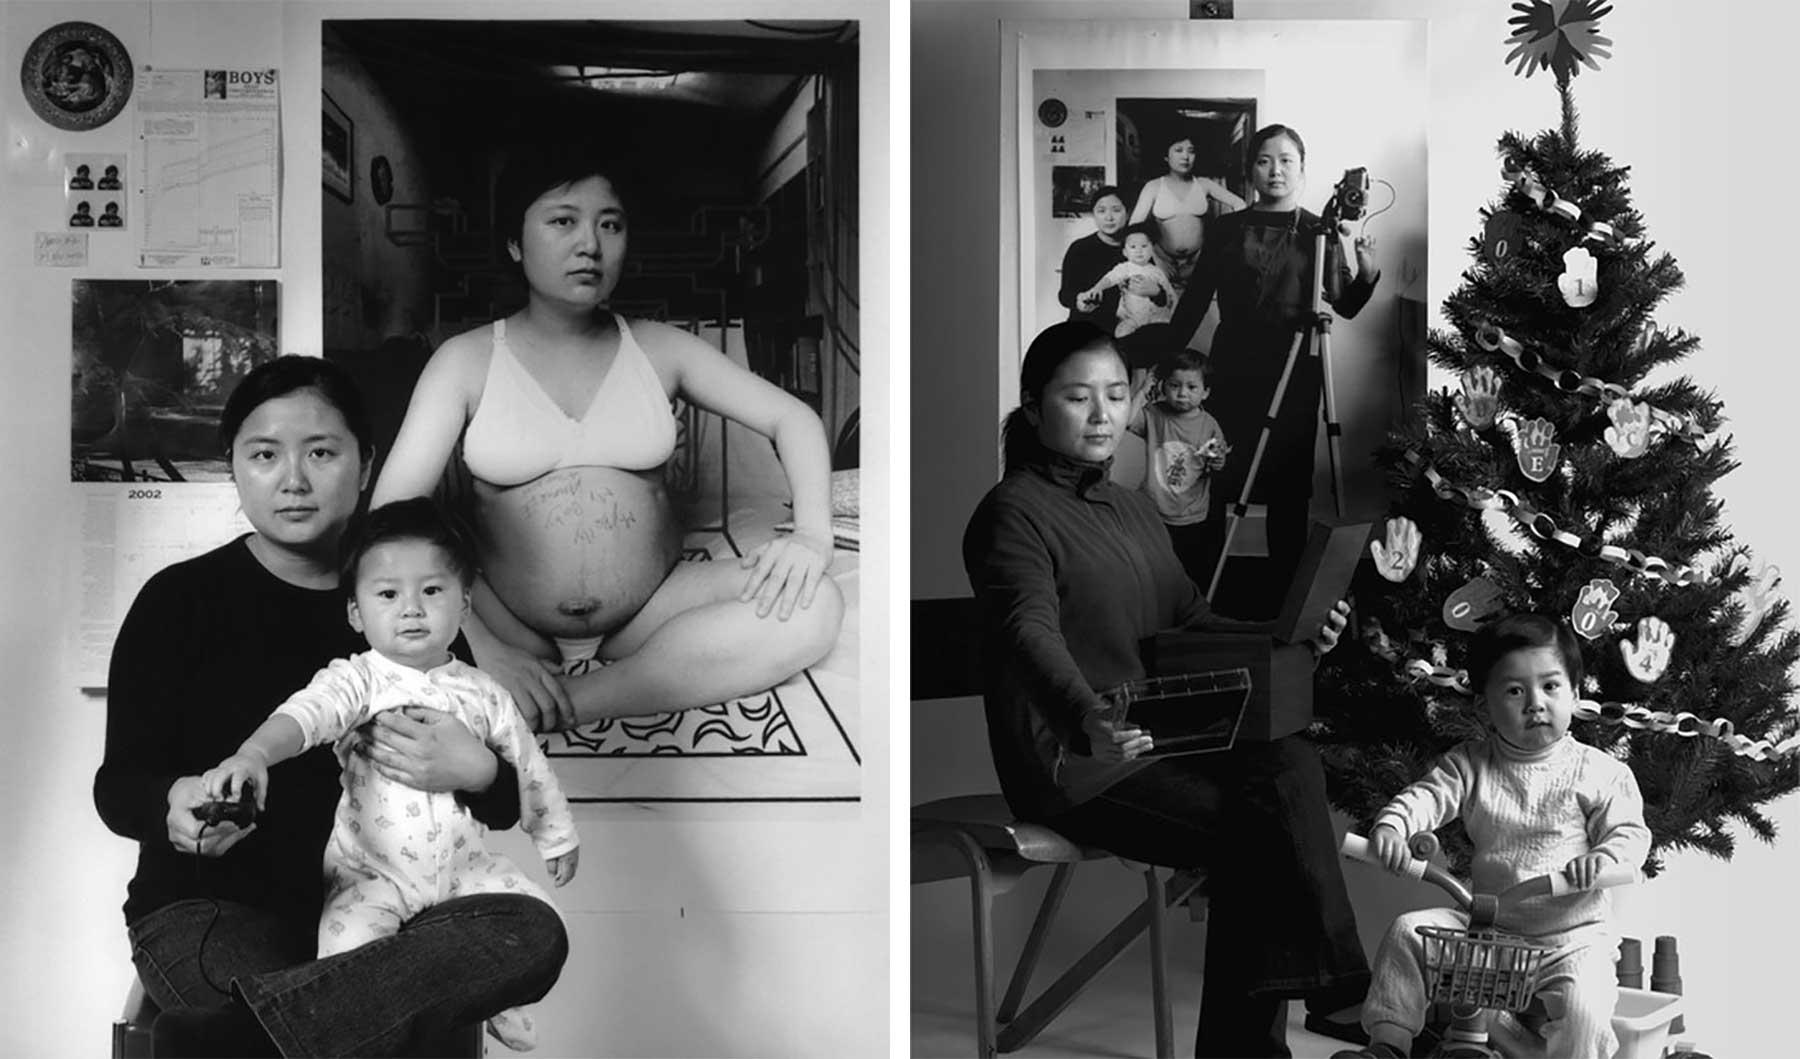 Mutter fügt 17 Jahre Bildebenen hinzu, die Sohn aufwachsen zeigen